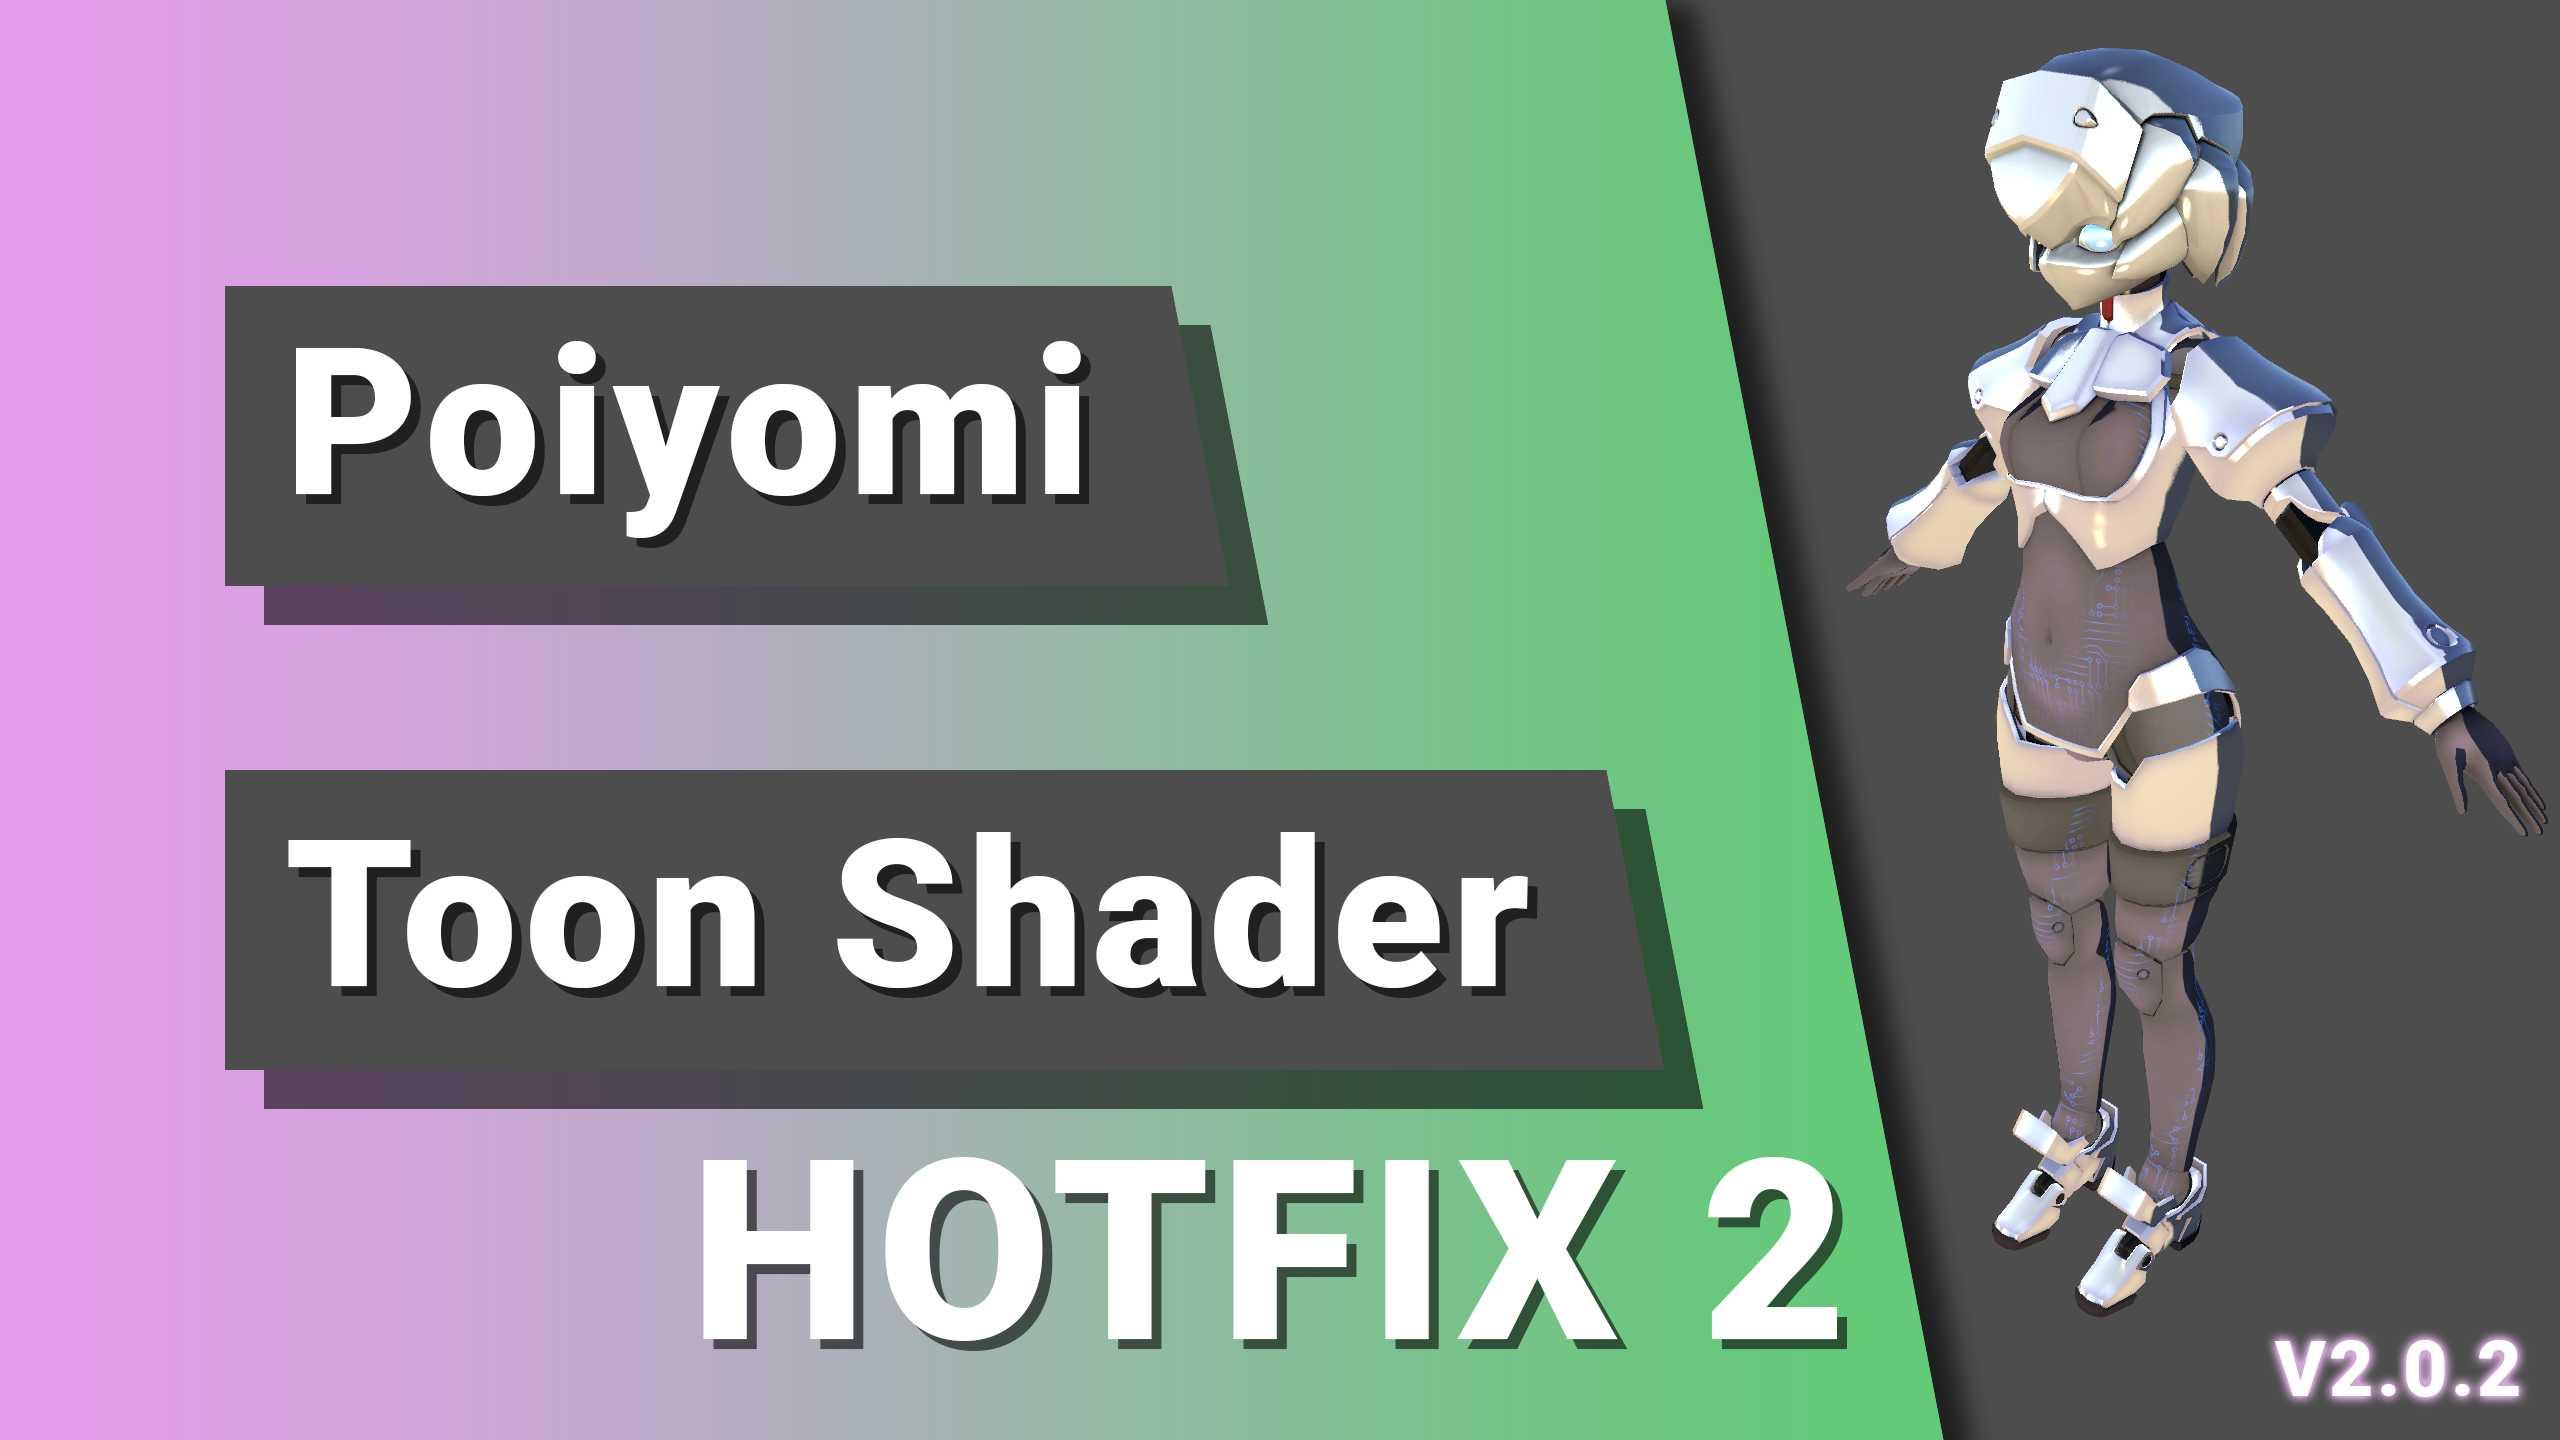 VRCMods - Poiyomi Toon Shader v2 0 3 - VRChat Avatars